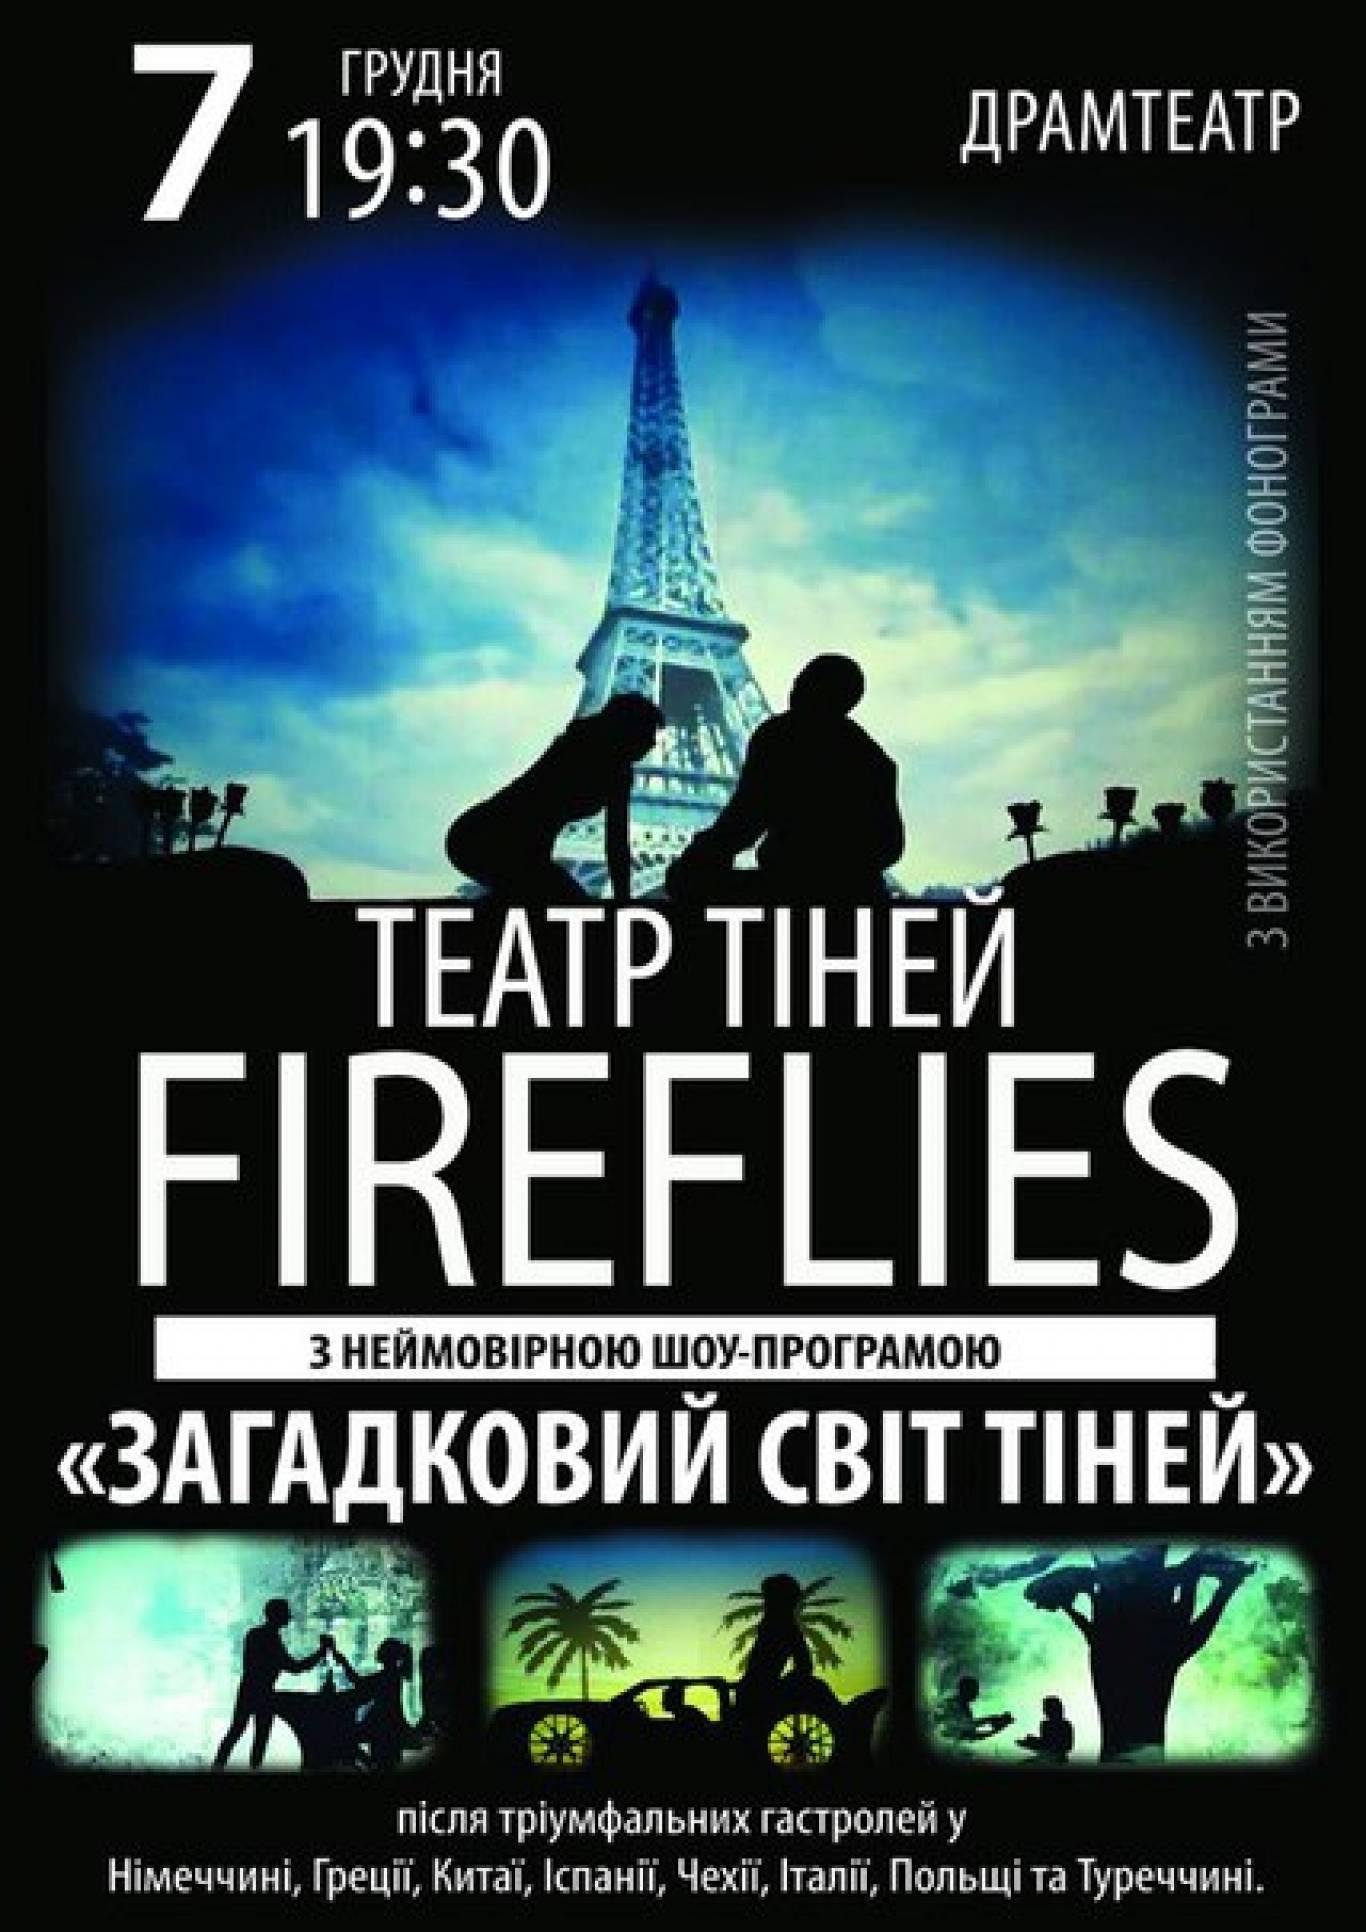 Концерт Театру тіней Fireflies